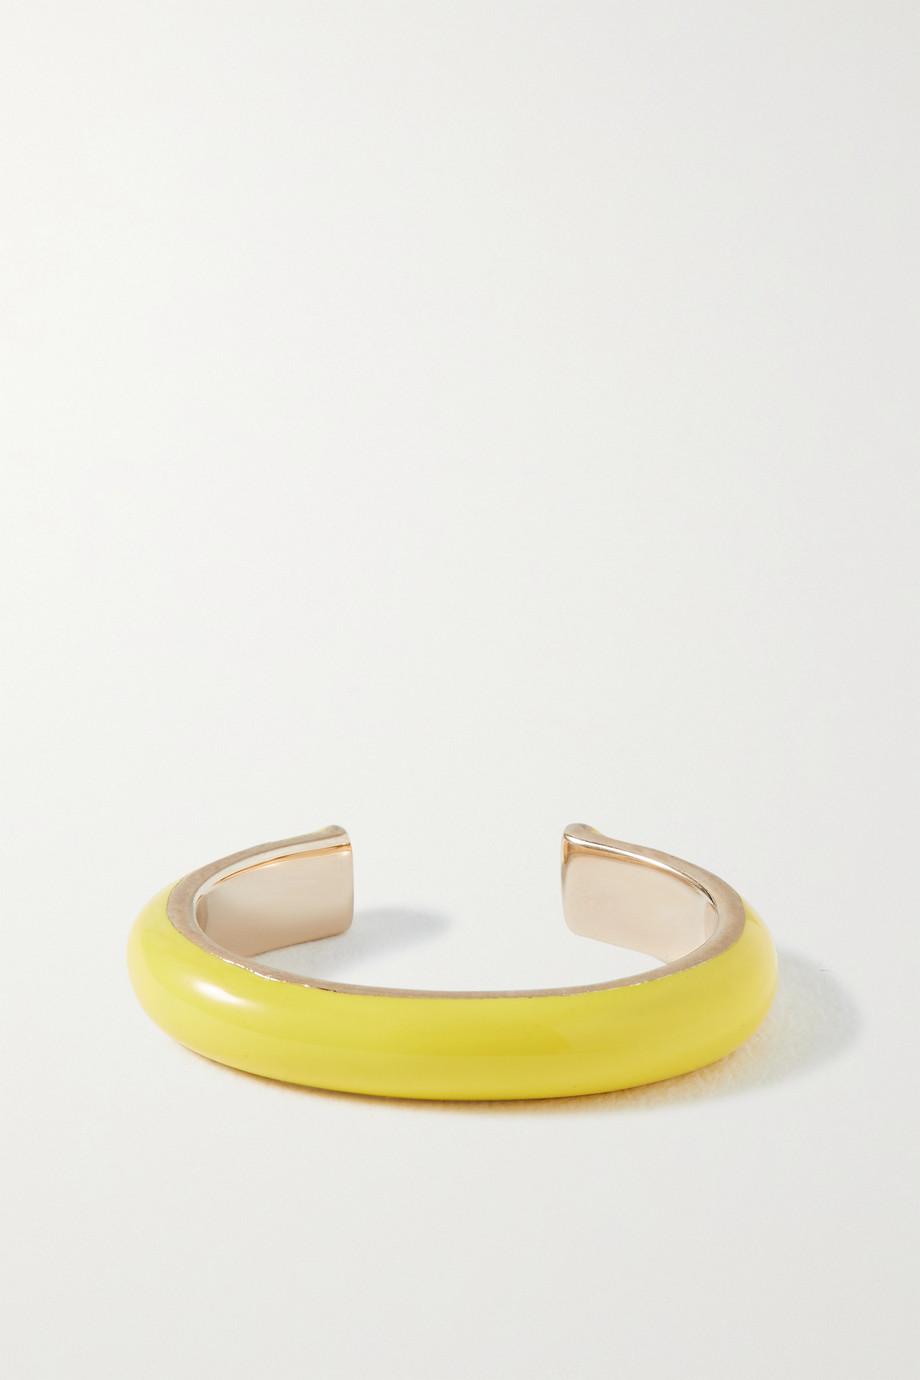 Fry Powers Unicorn Rainbow gold and enamel ear cuff